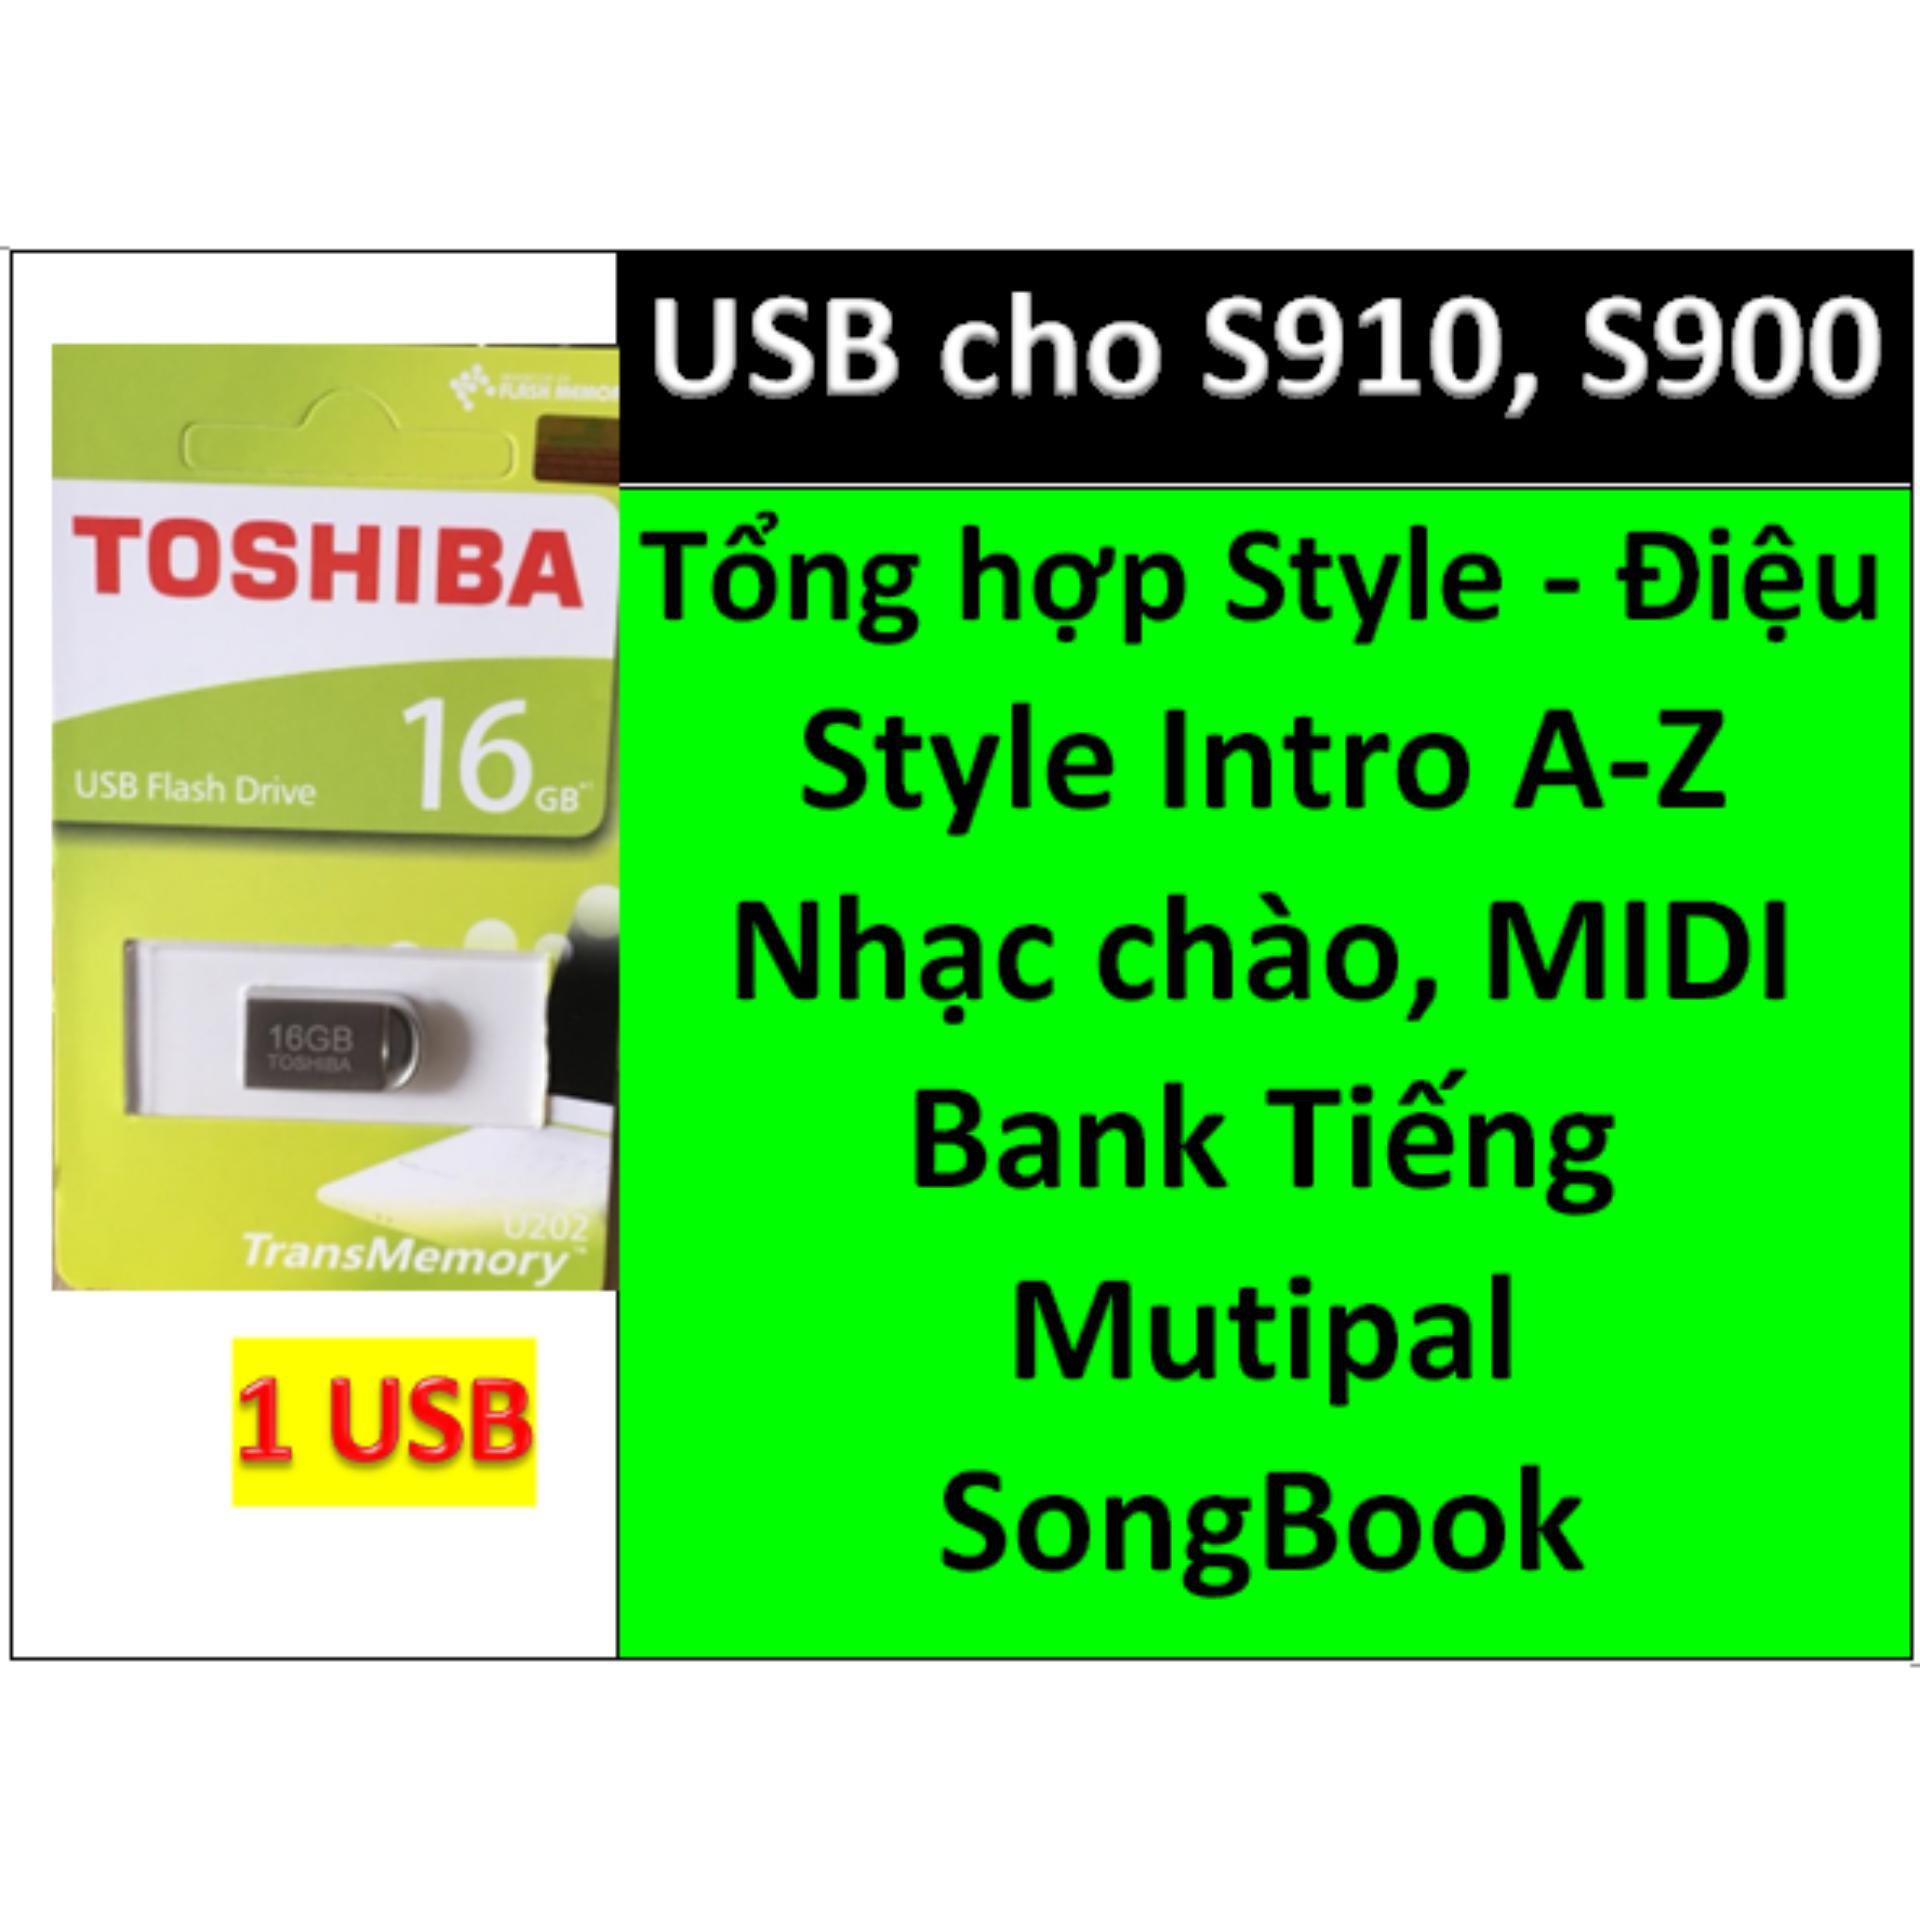 USB mini cho đàn organ yamaha PSR-S900 và S910 Style, nhạc chào, songbook, midi + Full dữ liệu làm show